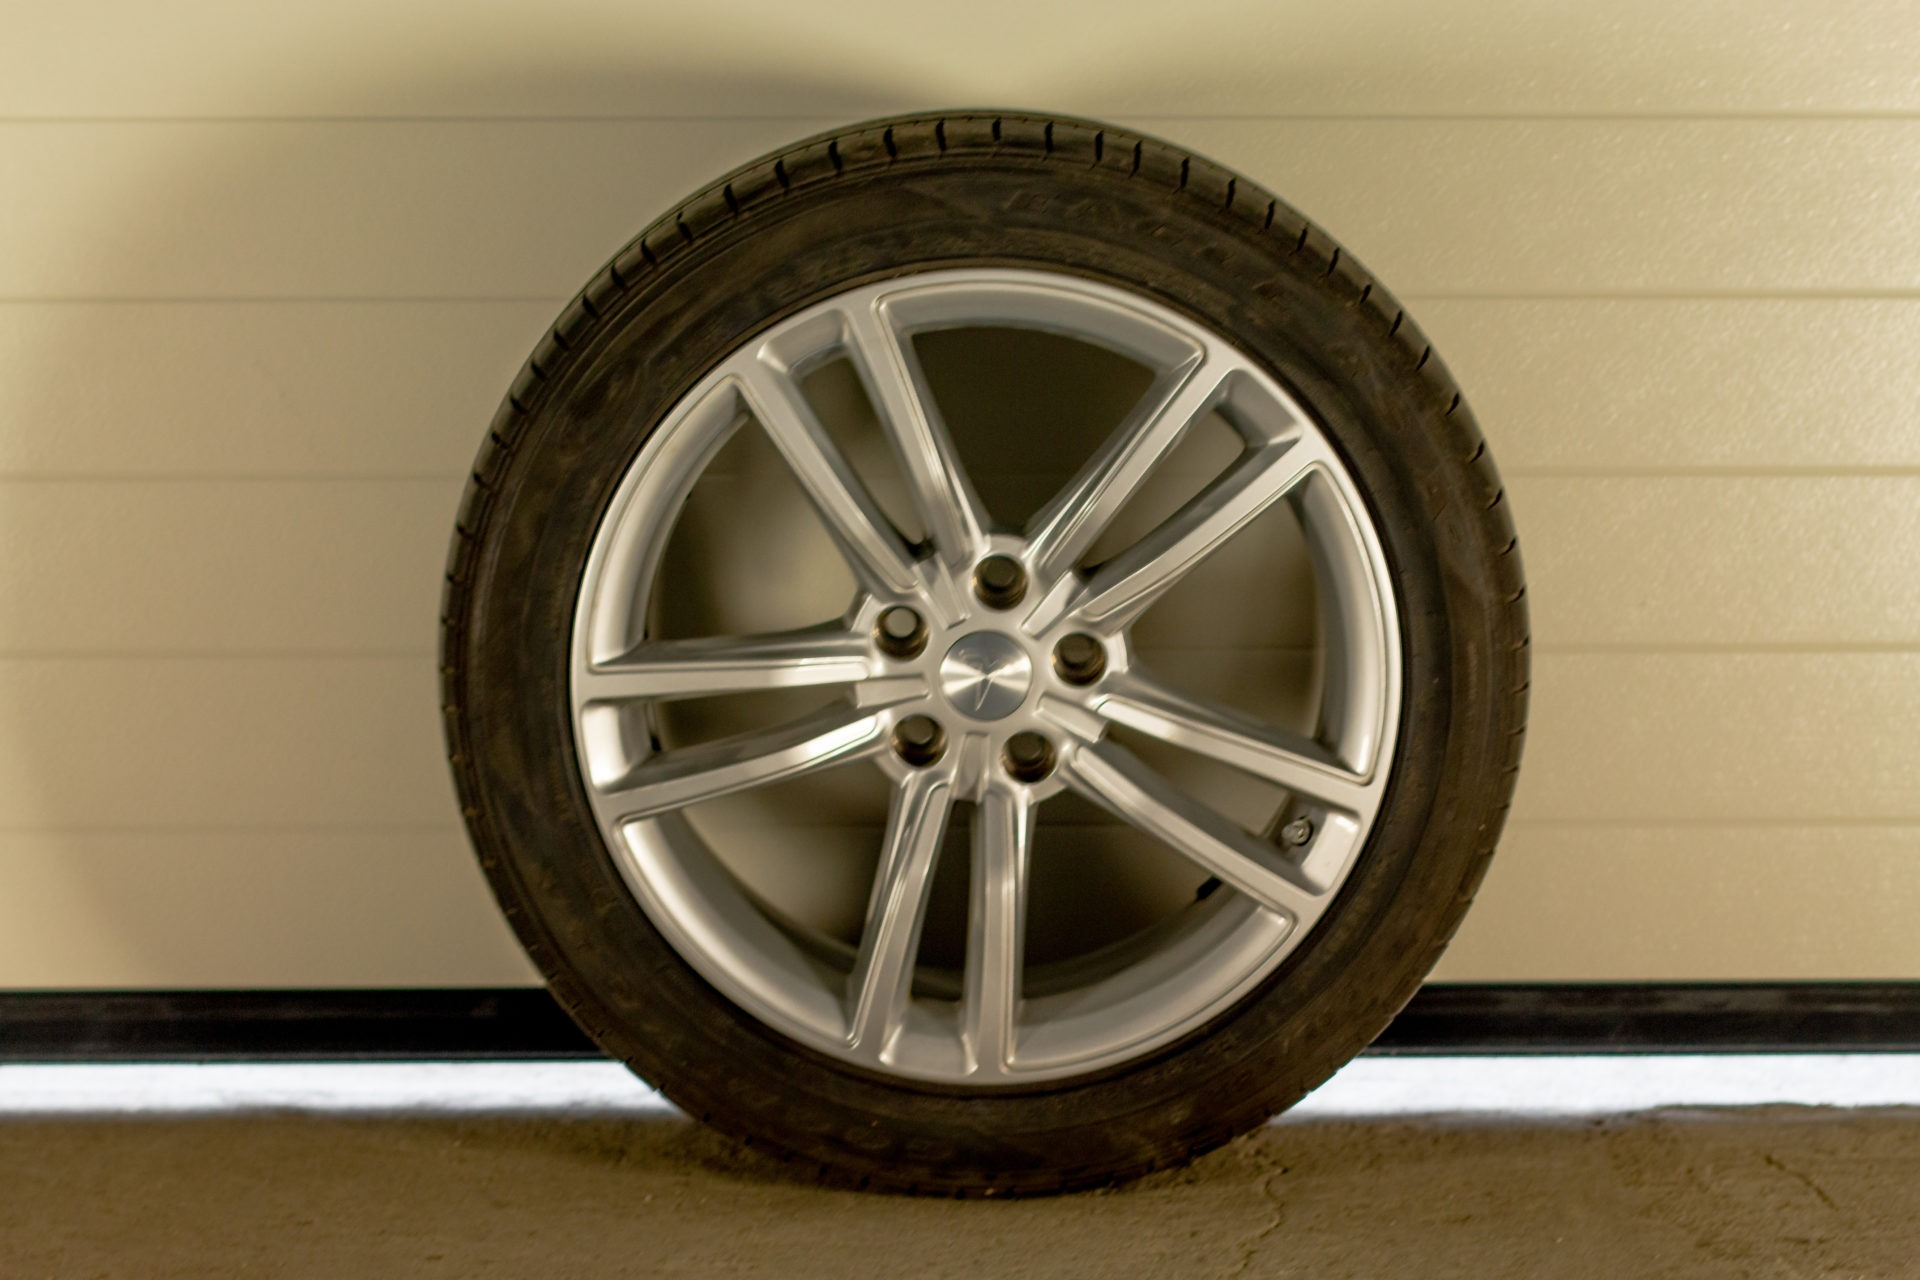 Original 19 Zoll Felgen Standard Goodyear DOT Felge Reifen Ganzjahresreifen Allwetterreifen Rad Räder Felgensatz Radsatz gebraucht RDKS